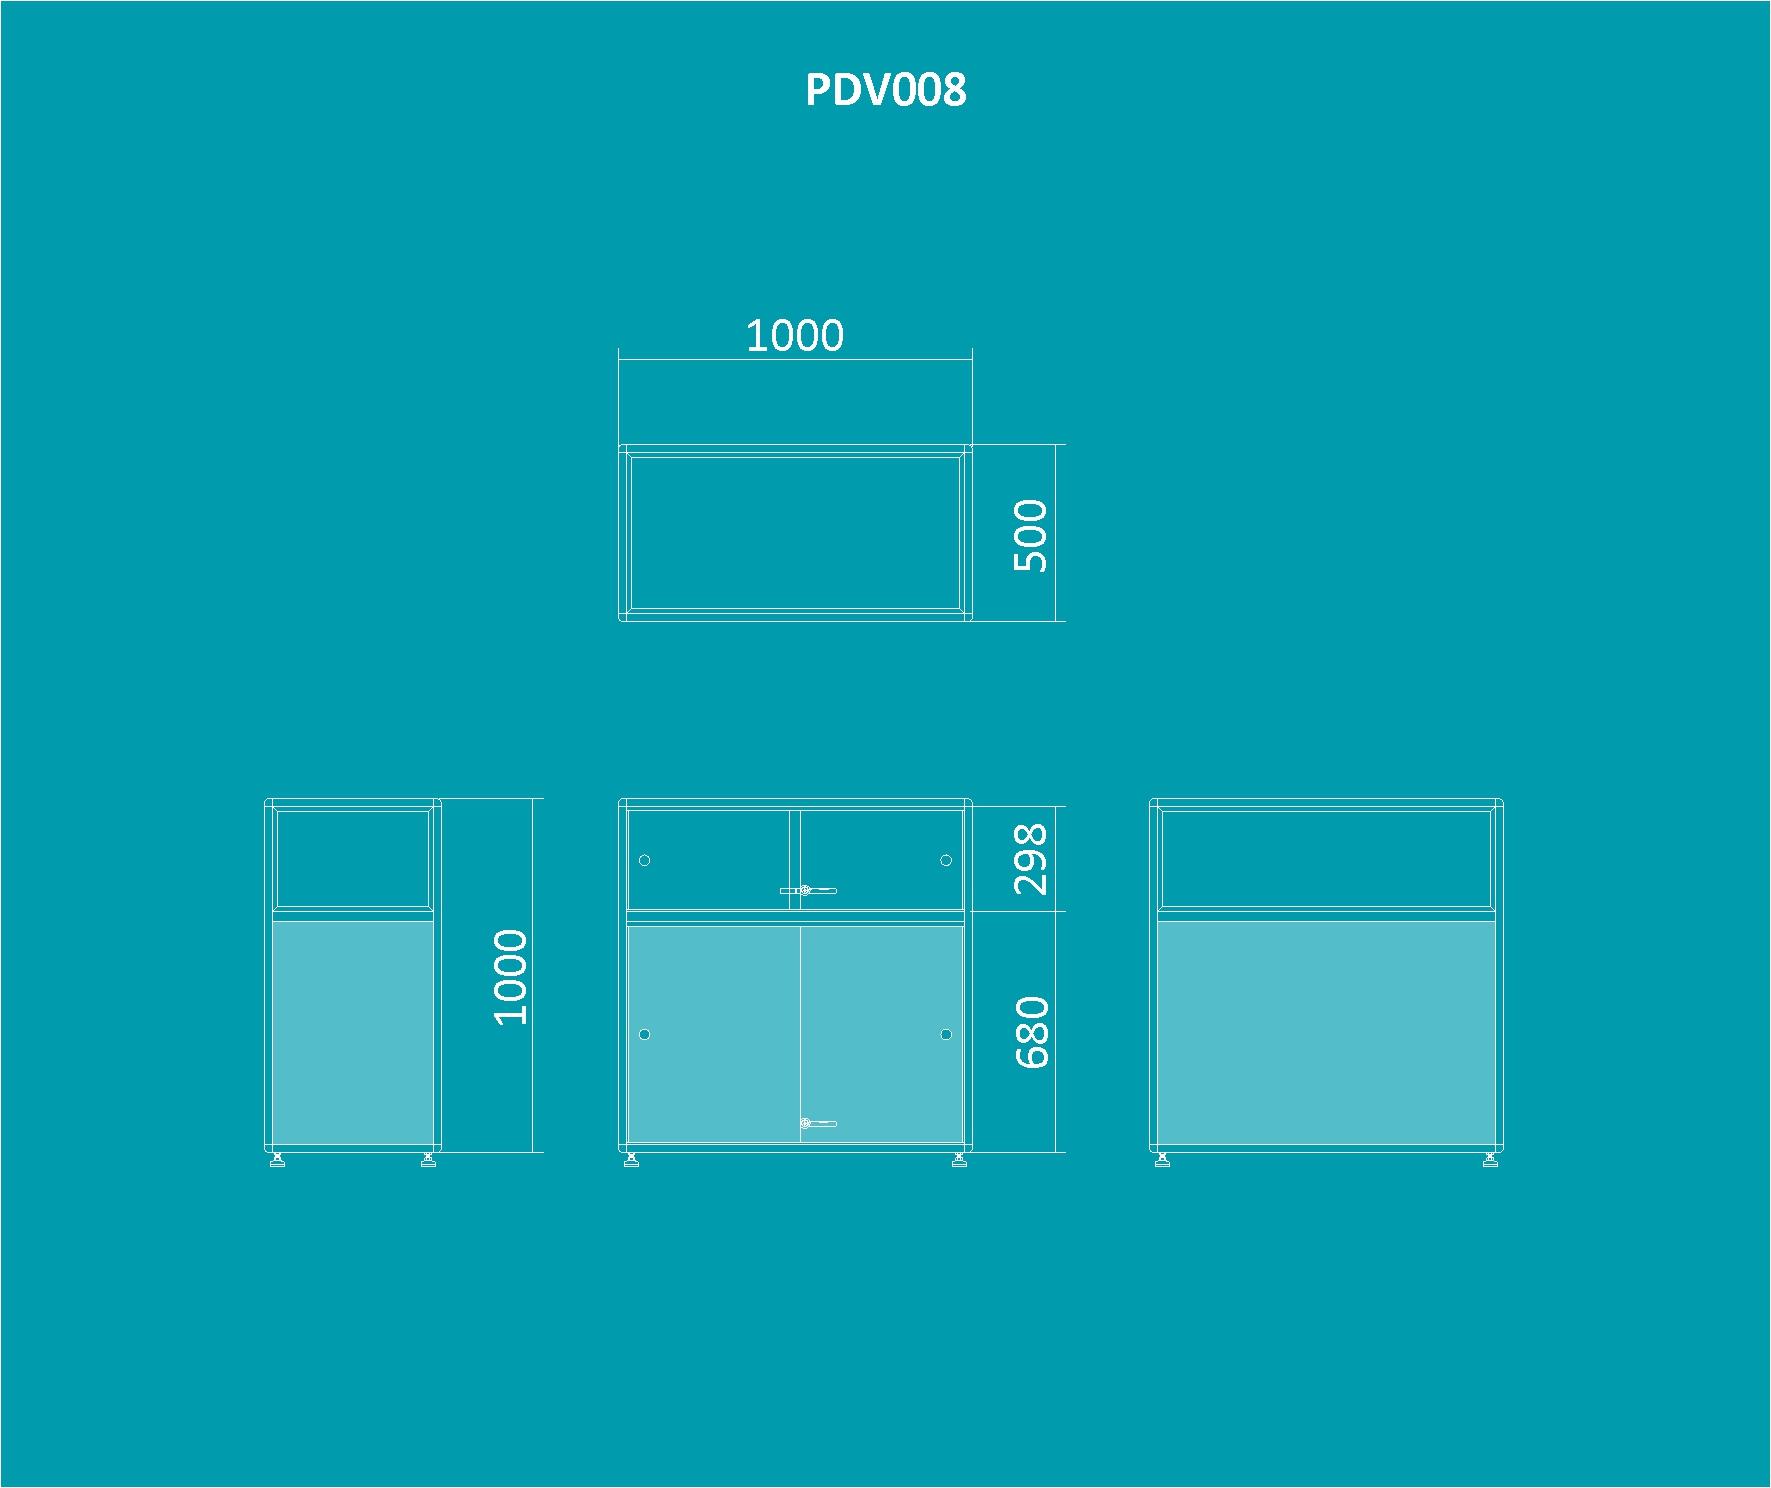 PDV 008 - Balcão expositor 1000mm de altura